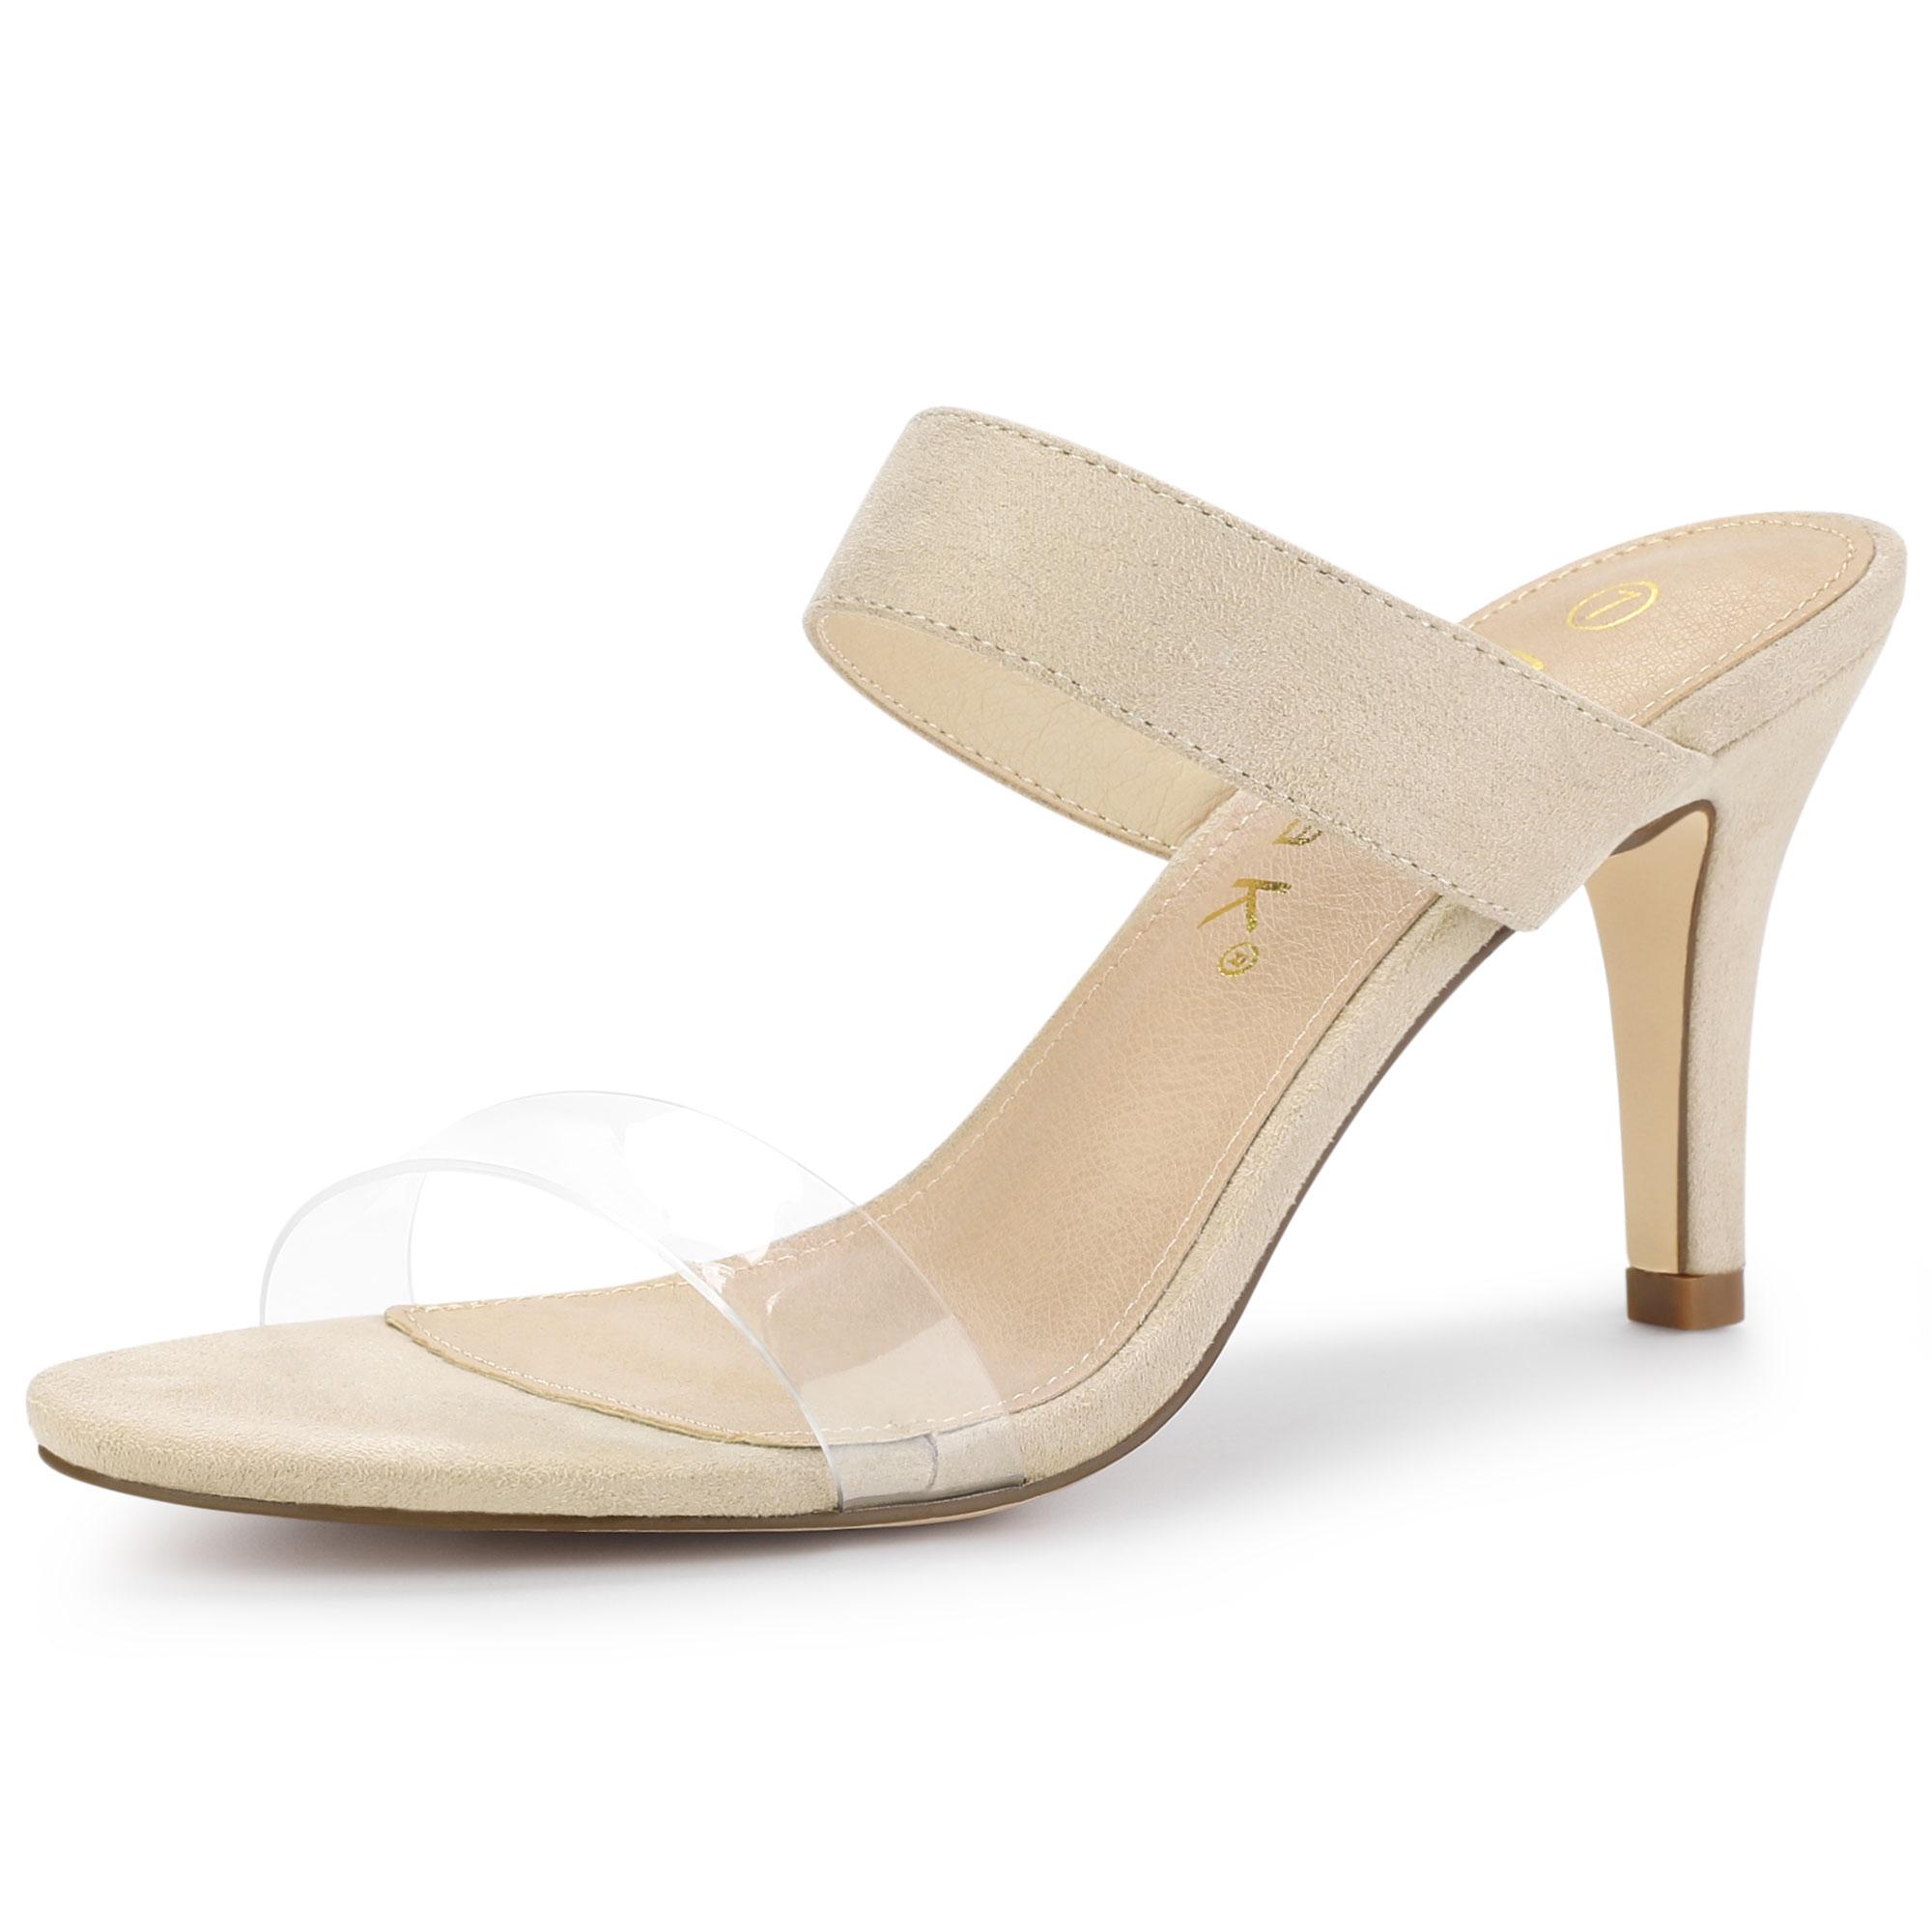 Allegra K Women's Clear Strap Stiletto Heel Slides Sandals Beige US 7